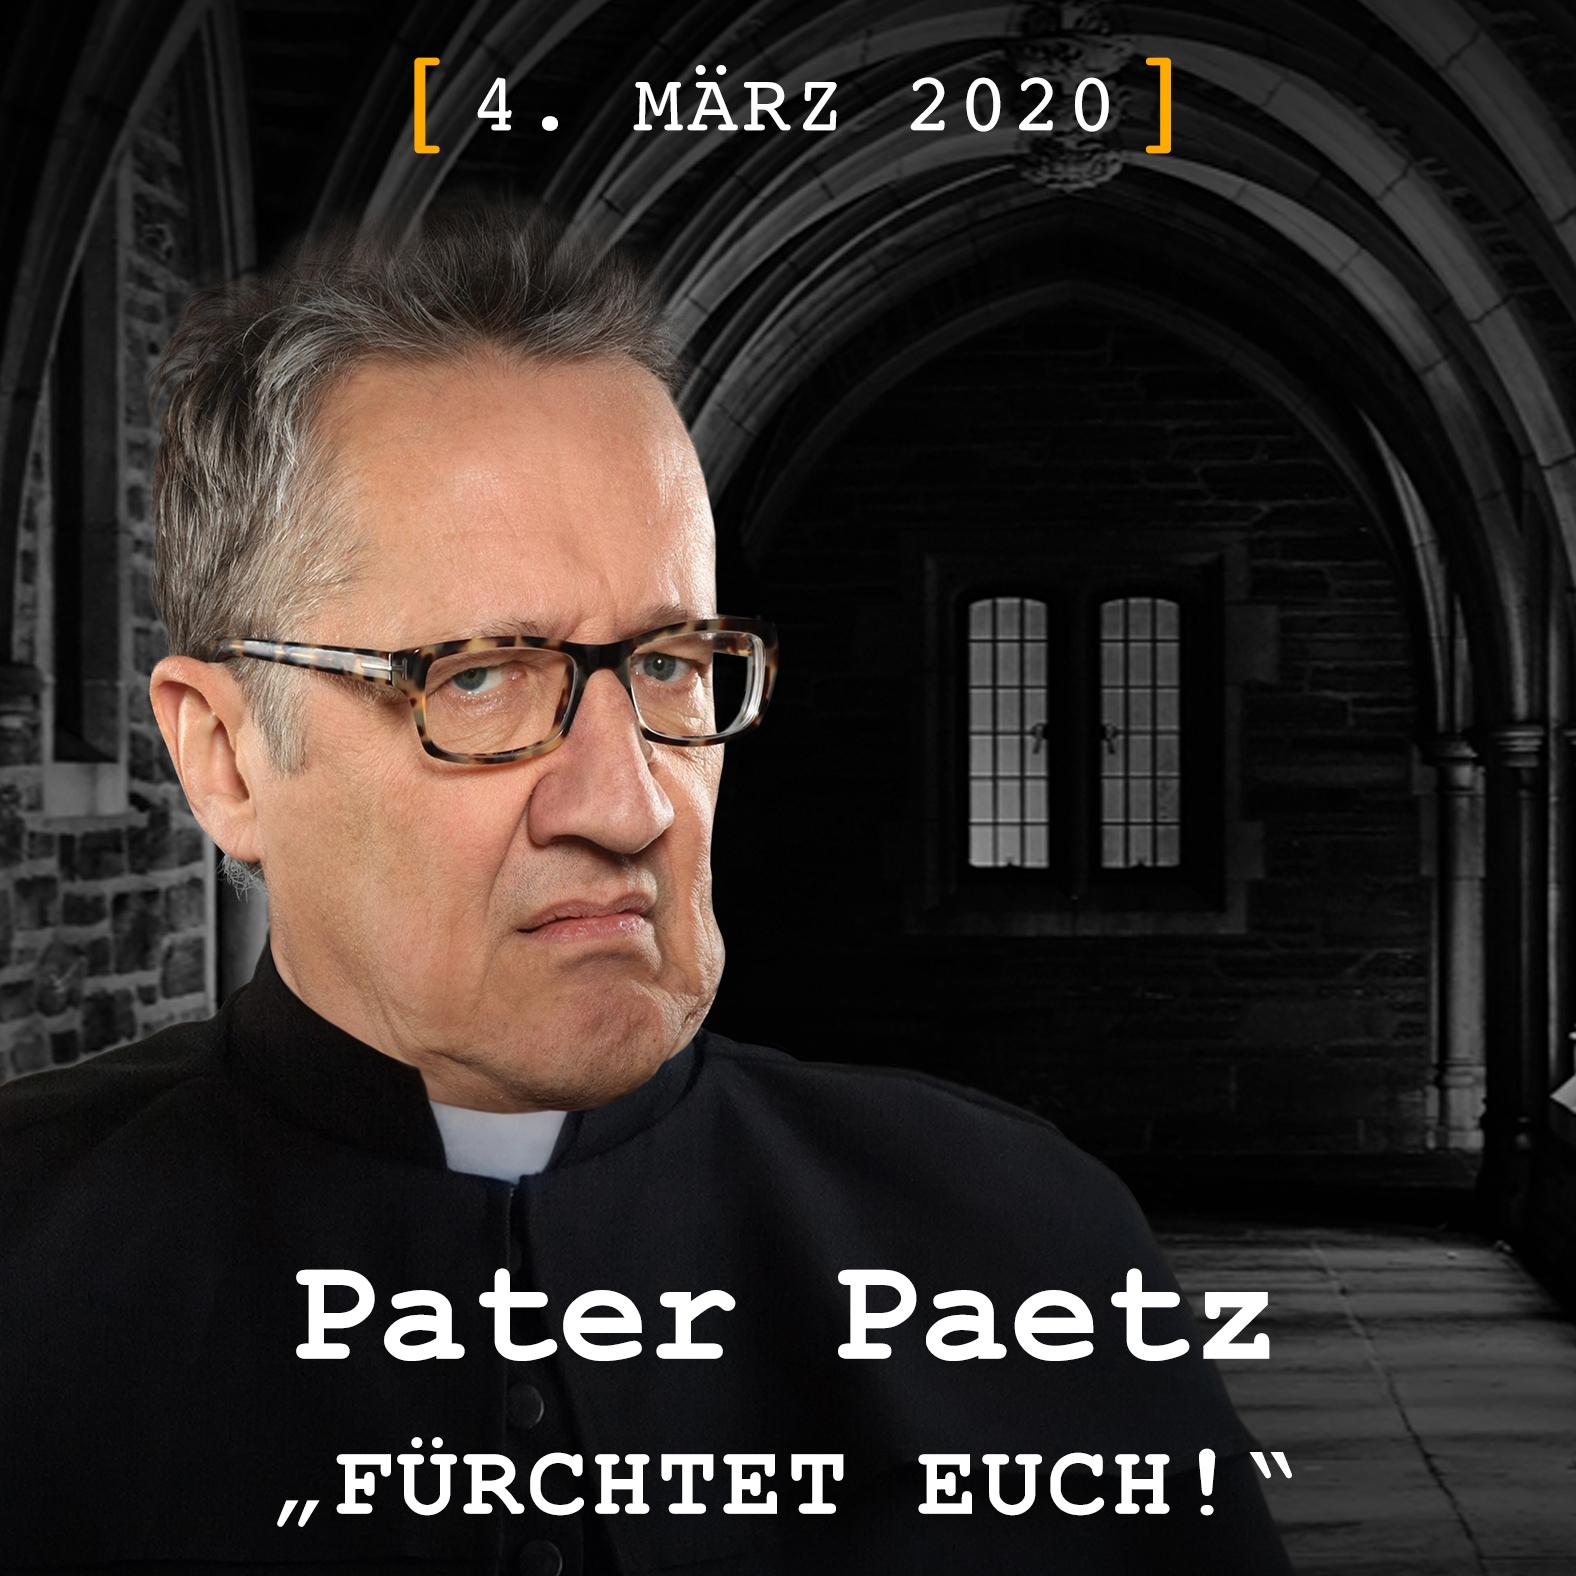 vorschau_pater-paetz20